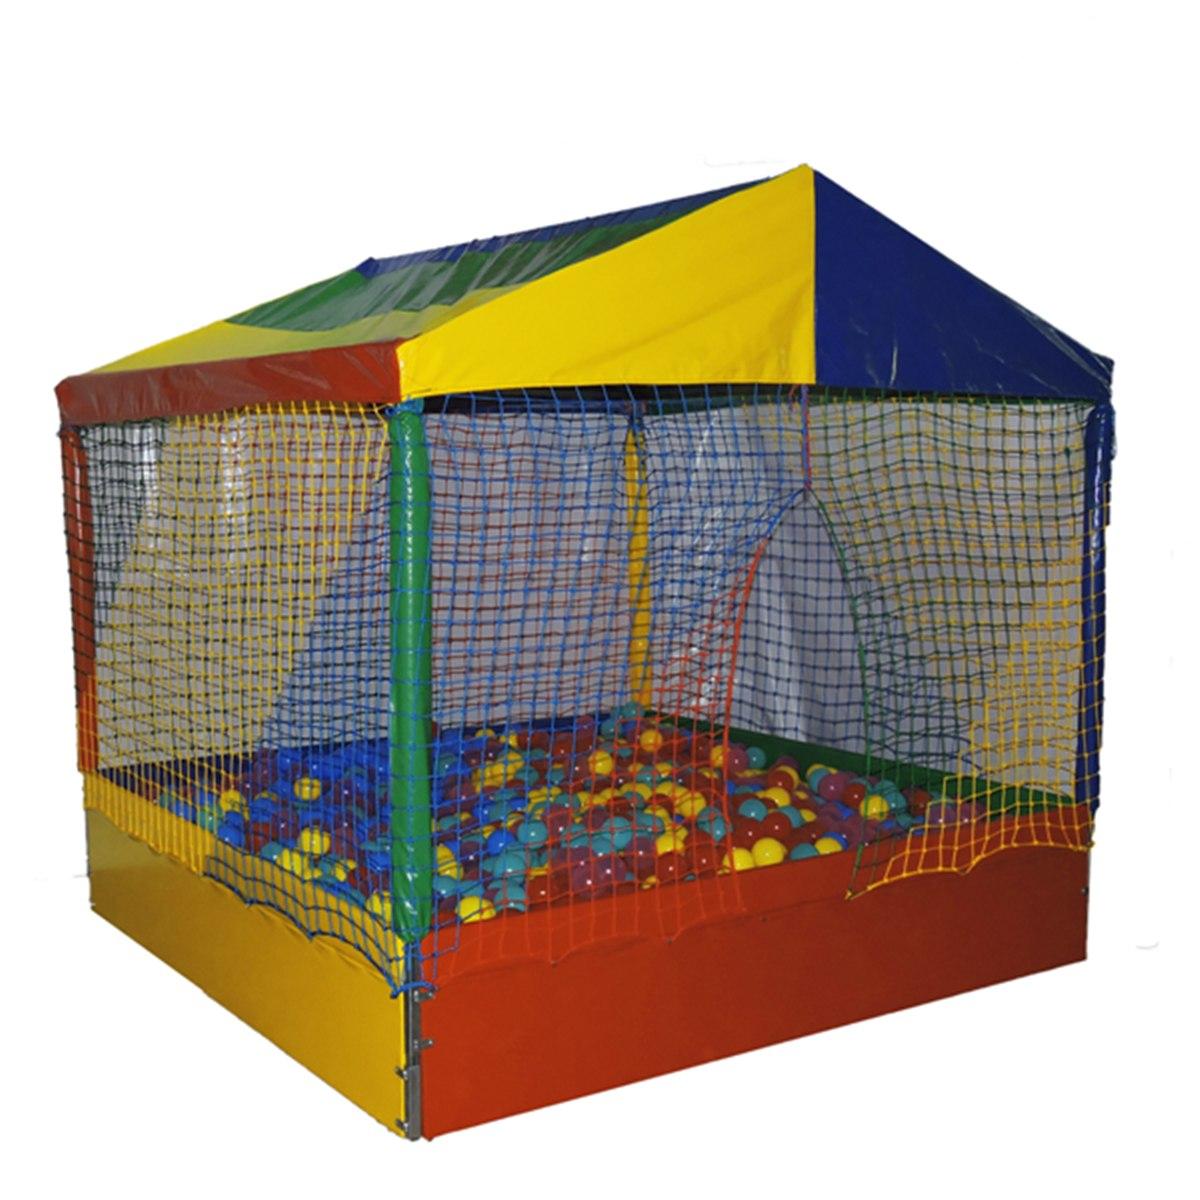 b9a5e78591 kit piscina de bolinhas e escorregador de plastico 3 degraus. Carregando  zoom.